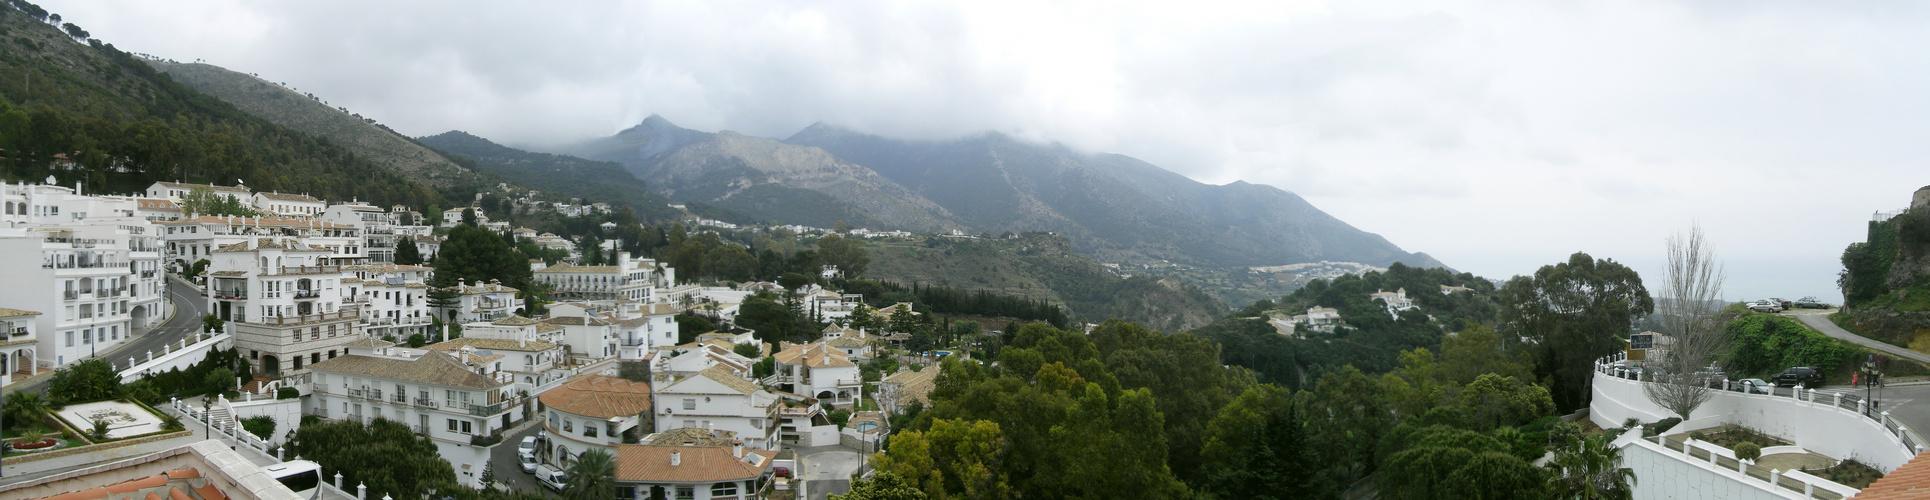 Panorama MIJAS Andalusien